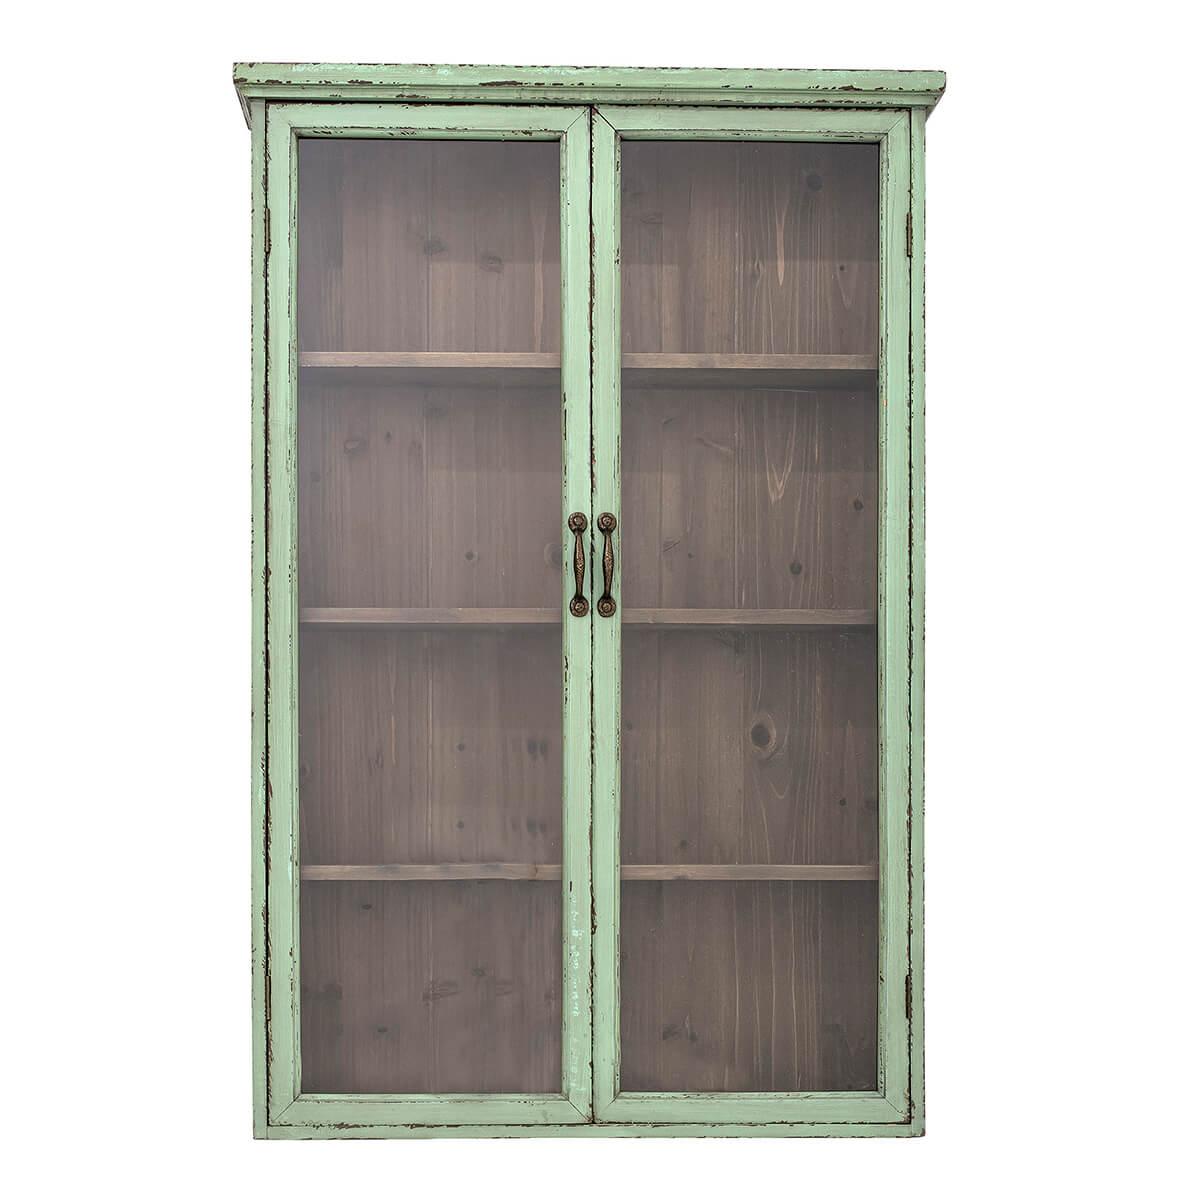 Menta zöld fenyő szekrény vintage hangulat skandináv stílus